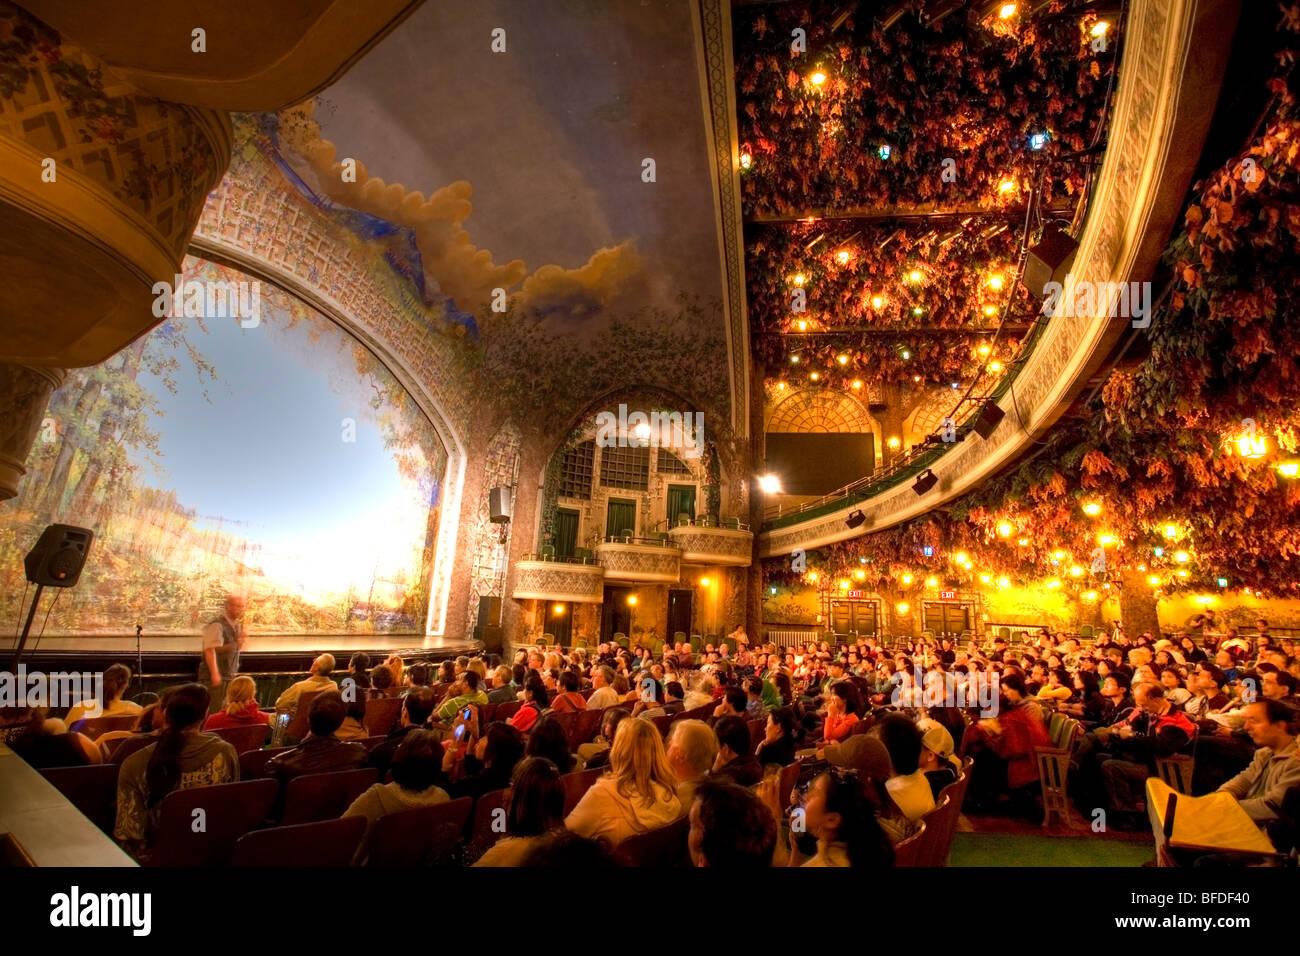 Innenraum Der Winter Garden Theatre In Toronto Ontario Kanada